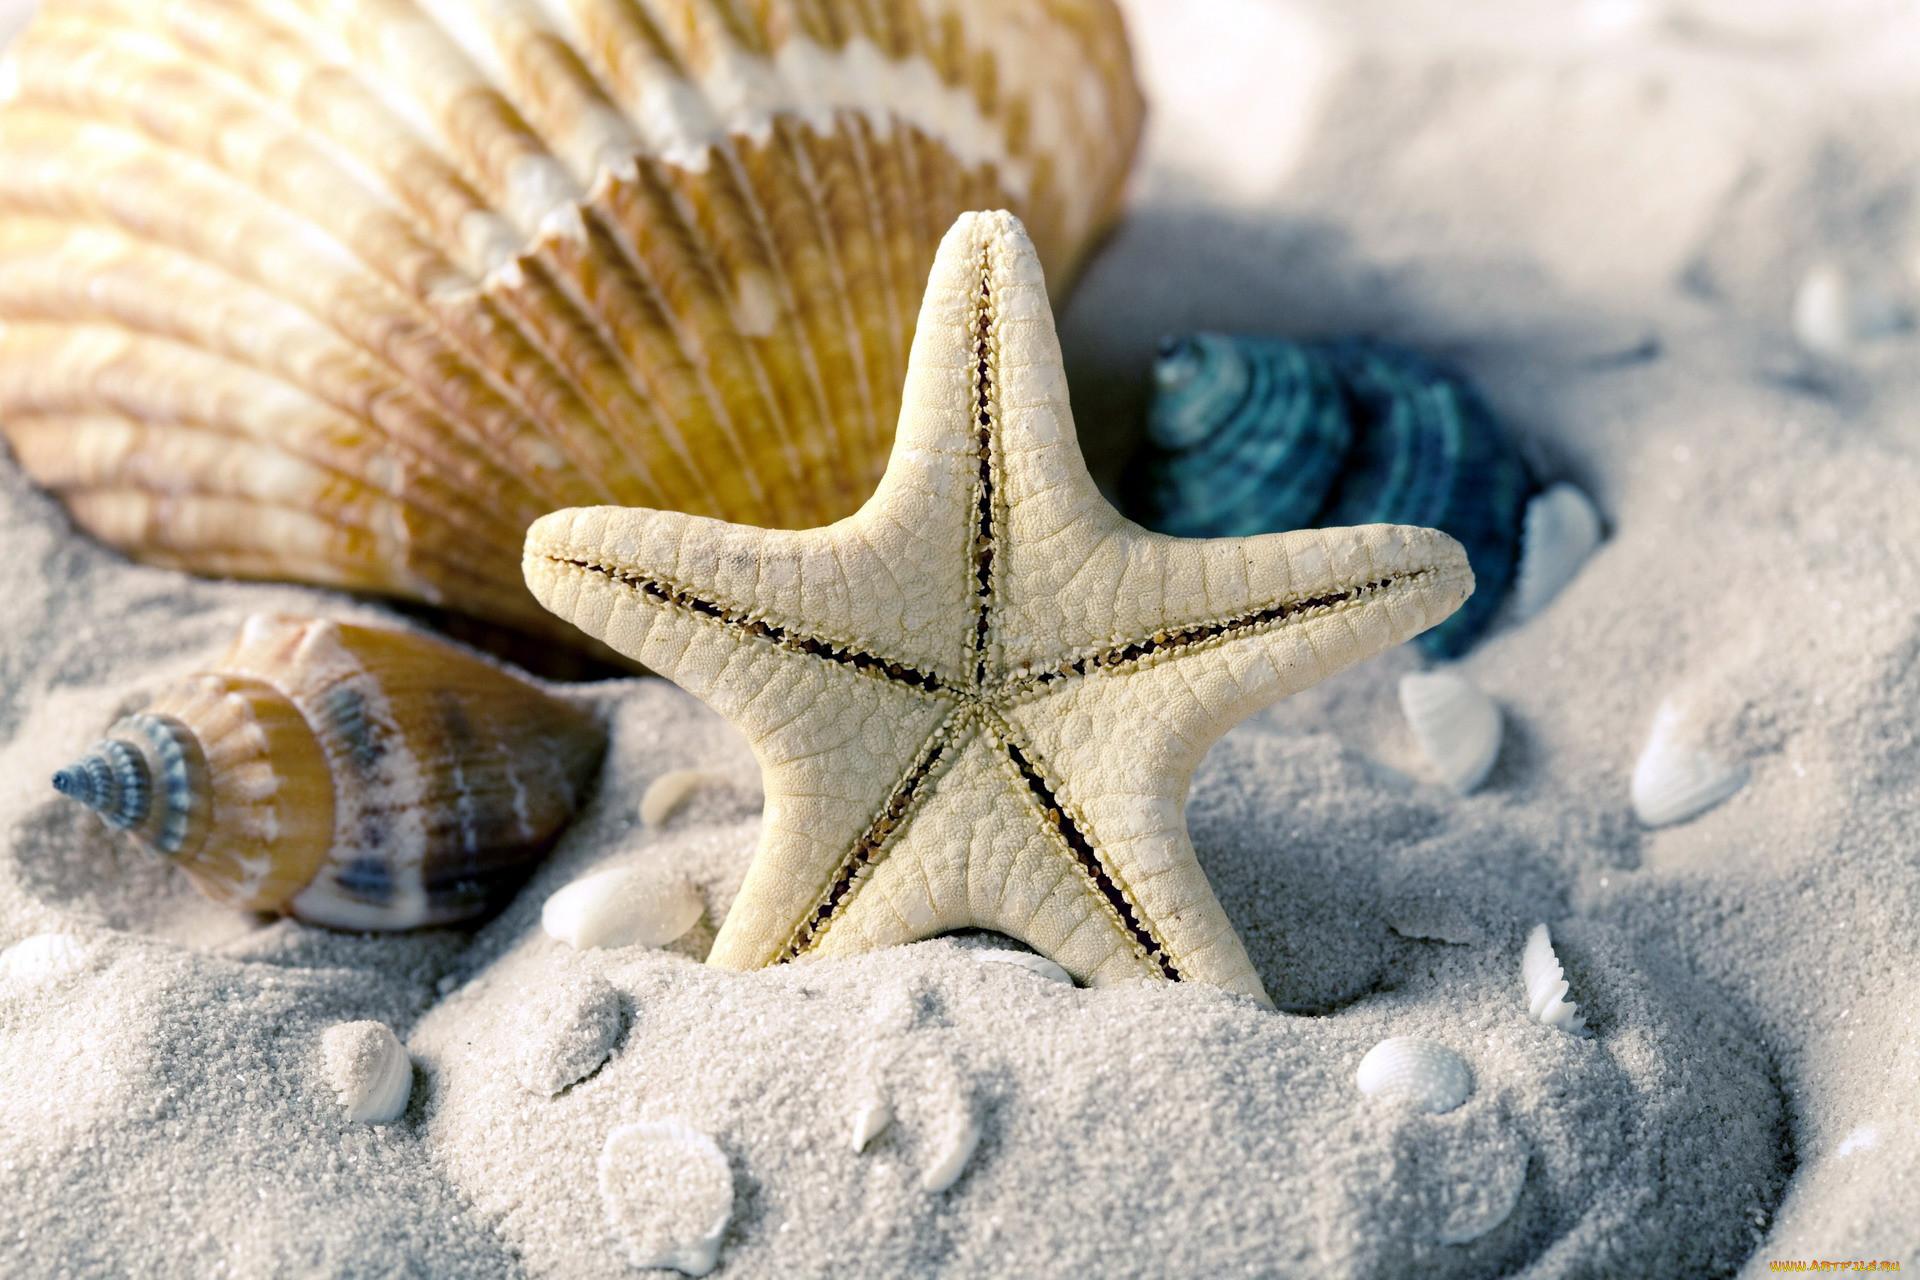 знак ладони смешные картинки фото морская тема пейзажном